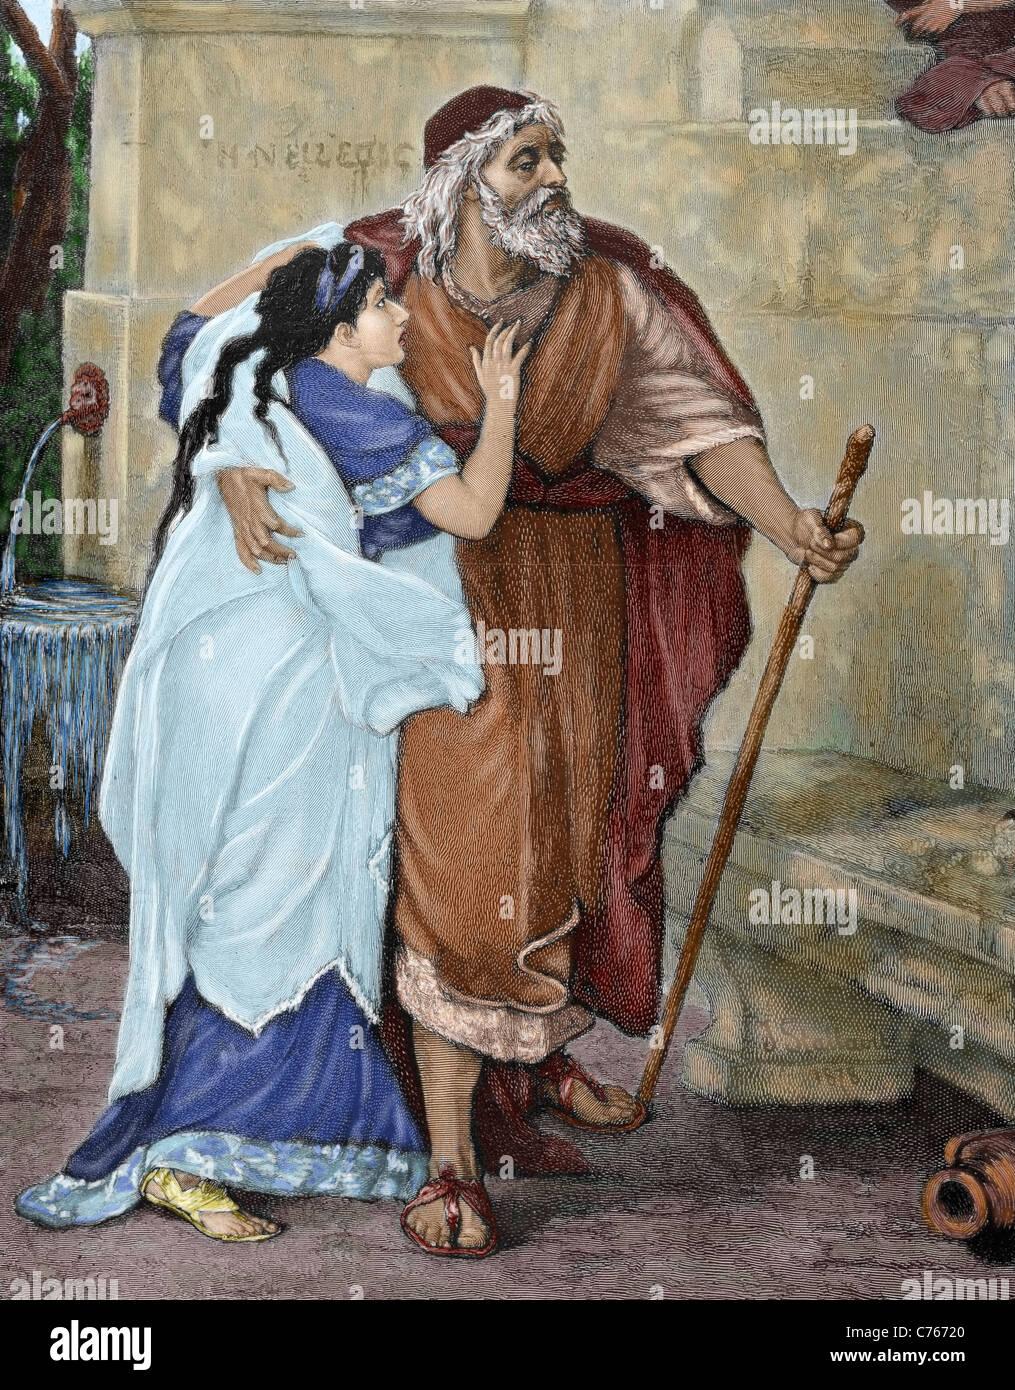 Oedipe. Héros de la mythologie grecque. Œdipe et Antigone. Gravure de M. Weber. De couleur. Photo Stock